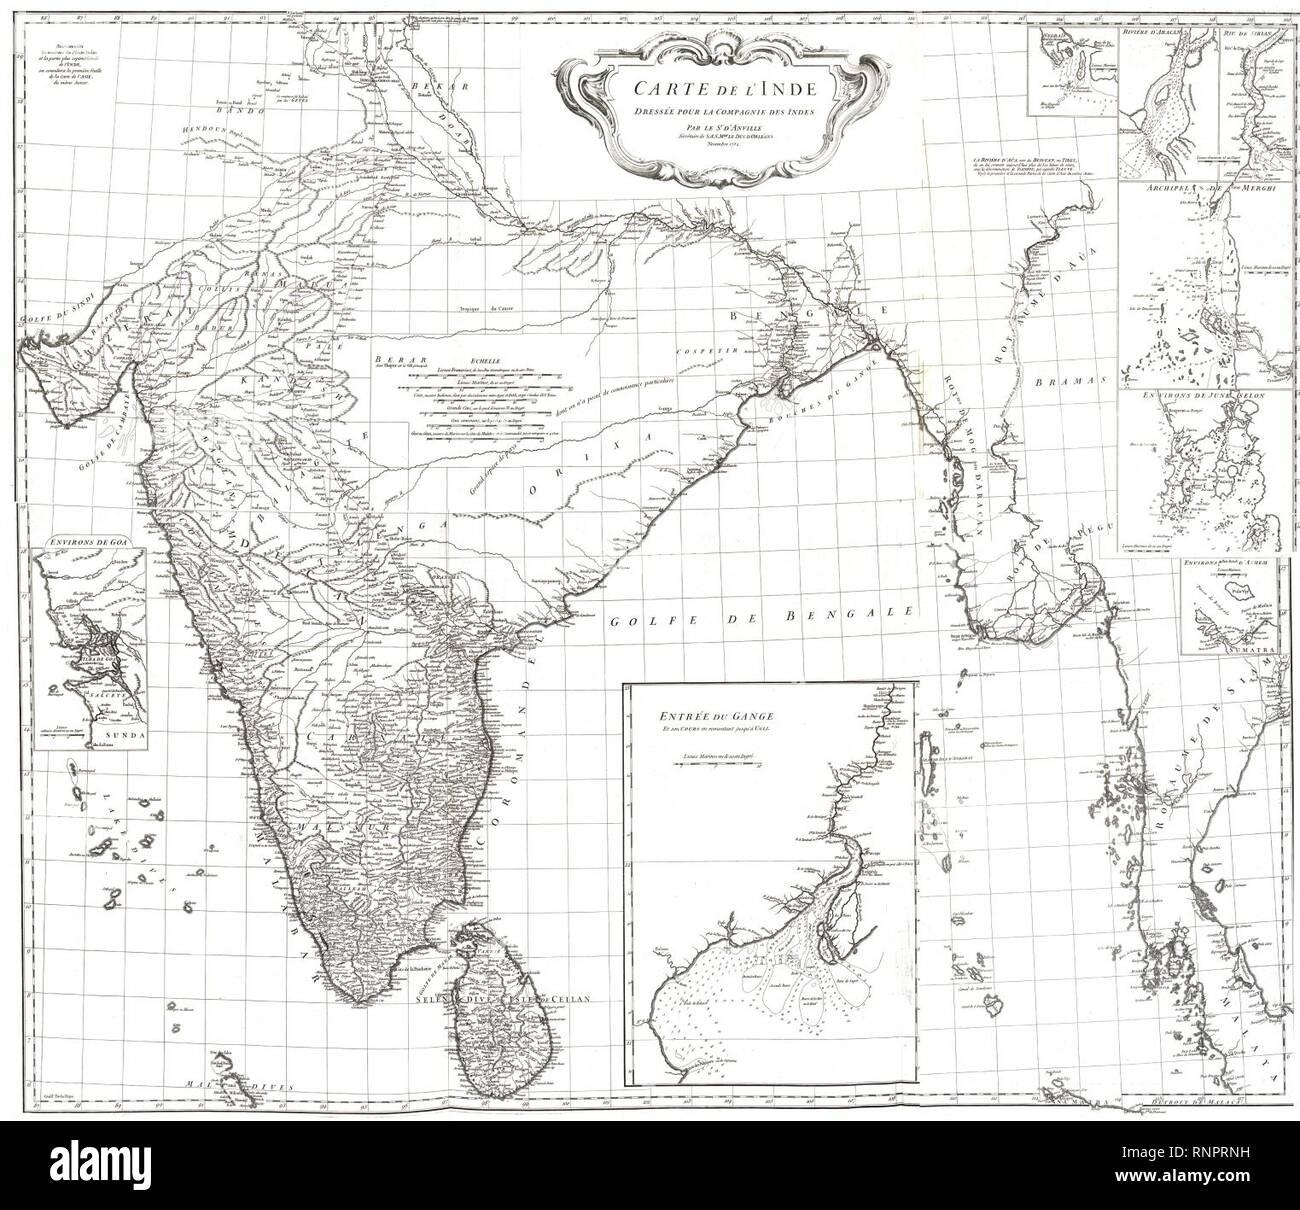 Carte Linde.Carte De L Inde 1752 Stock Photo 237144141 Alamy